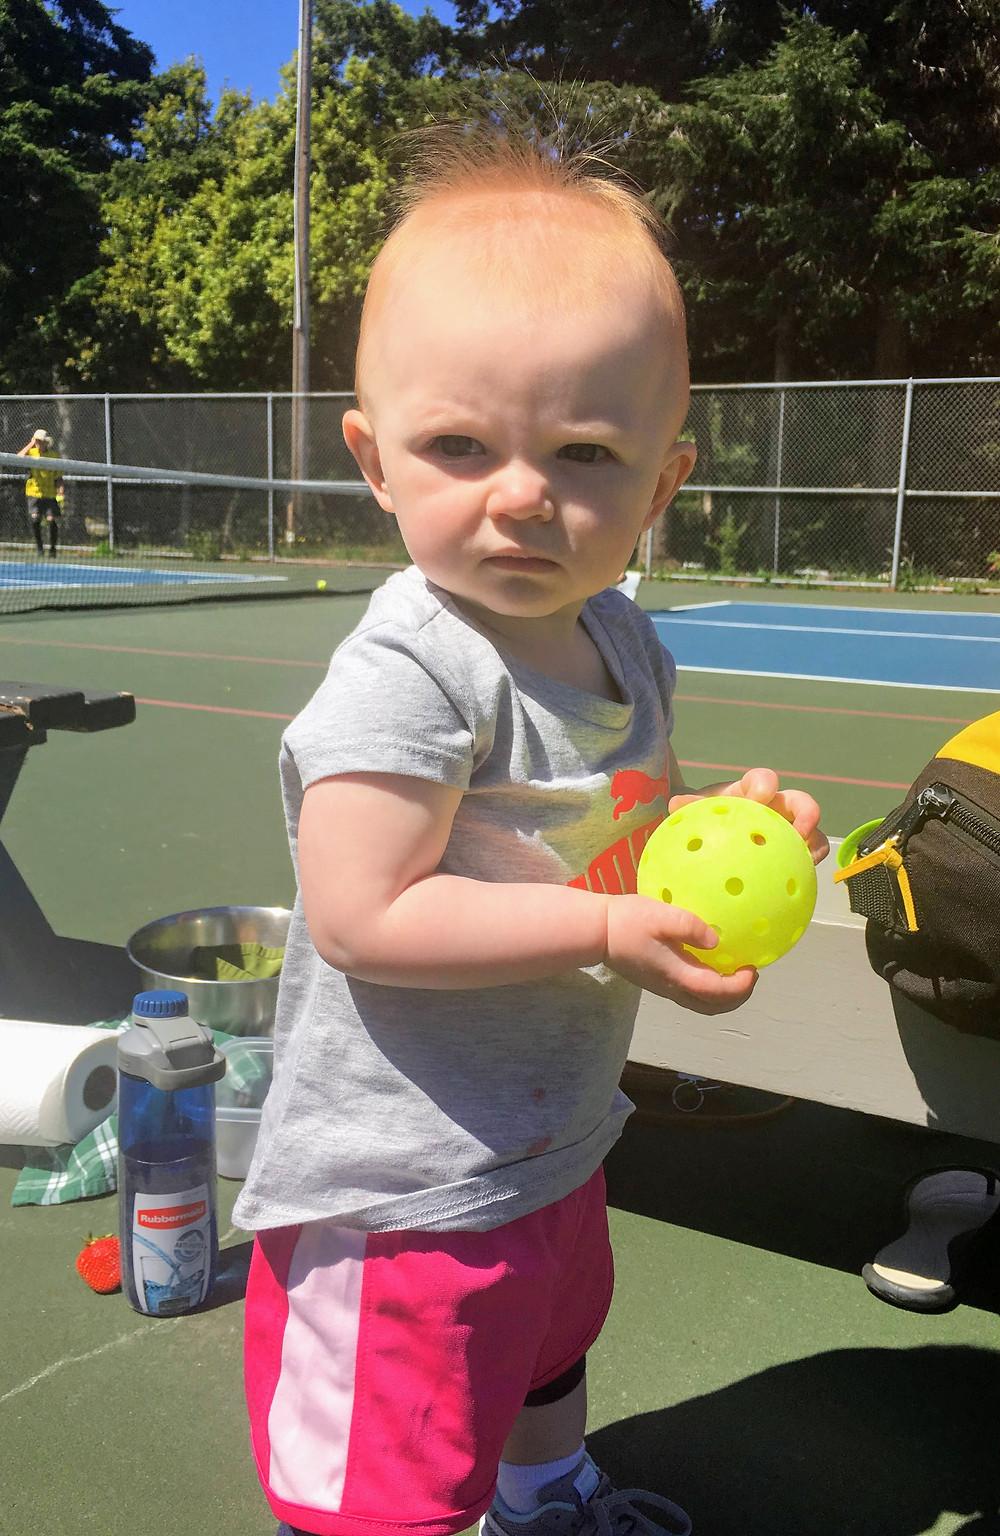 Little girl holding pickleball.